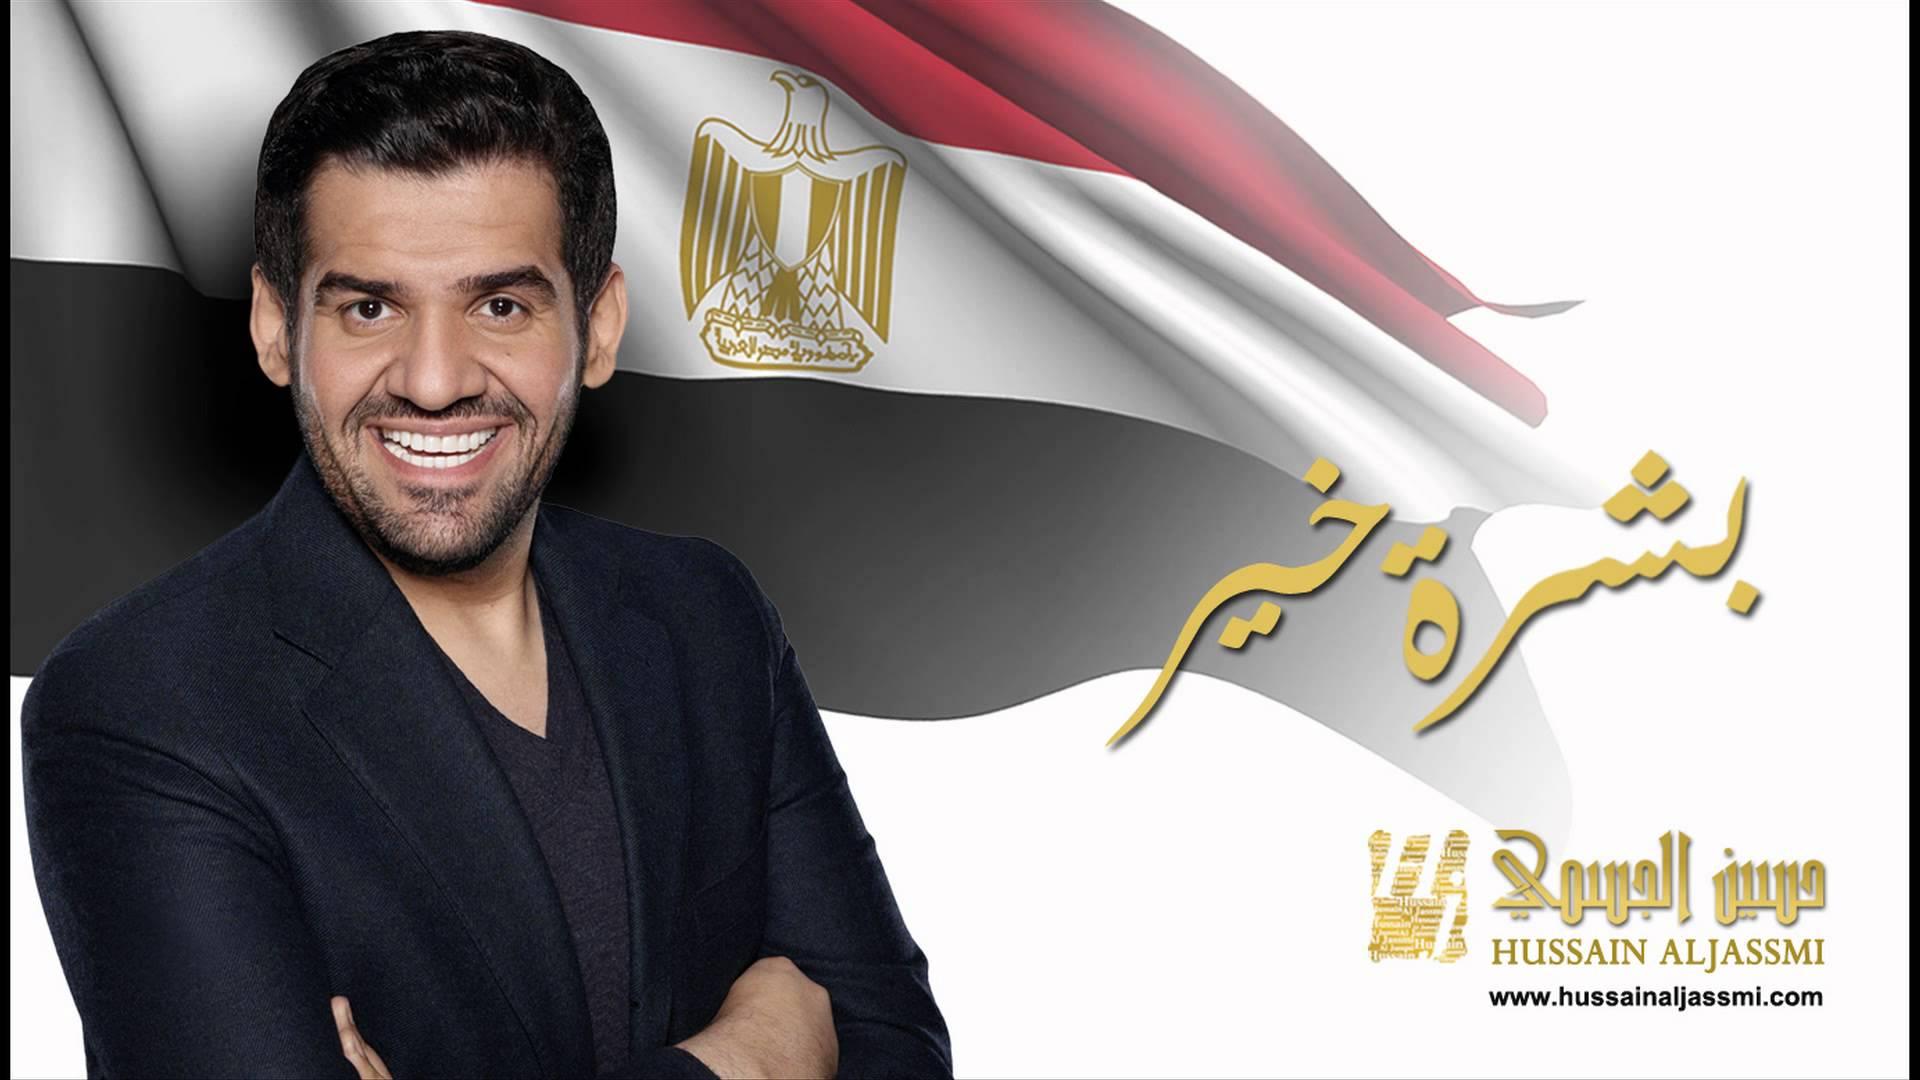 Hussain Al Jassmi - Boshrat Khier حسين الجسمي - بشرة خير